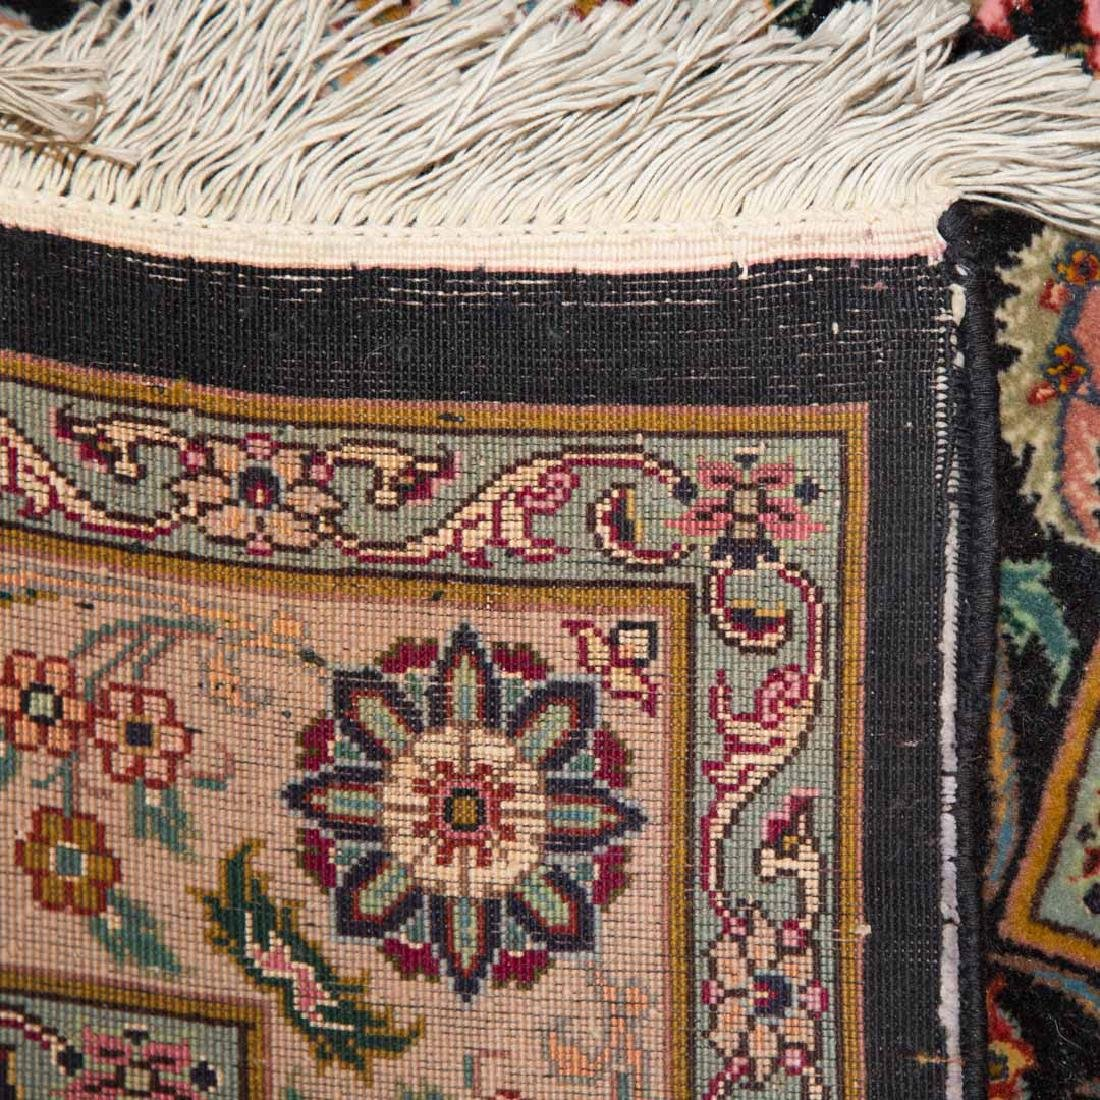 Fine Persian Tabriz carpet, approx. 11.4 x 16.4 - 3